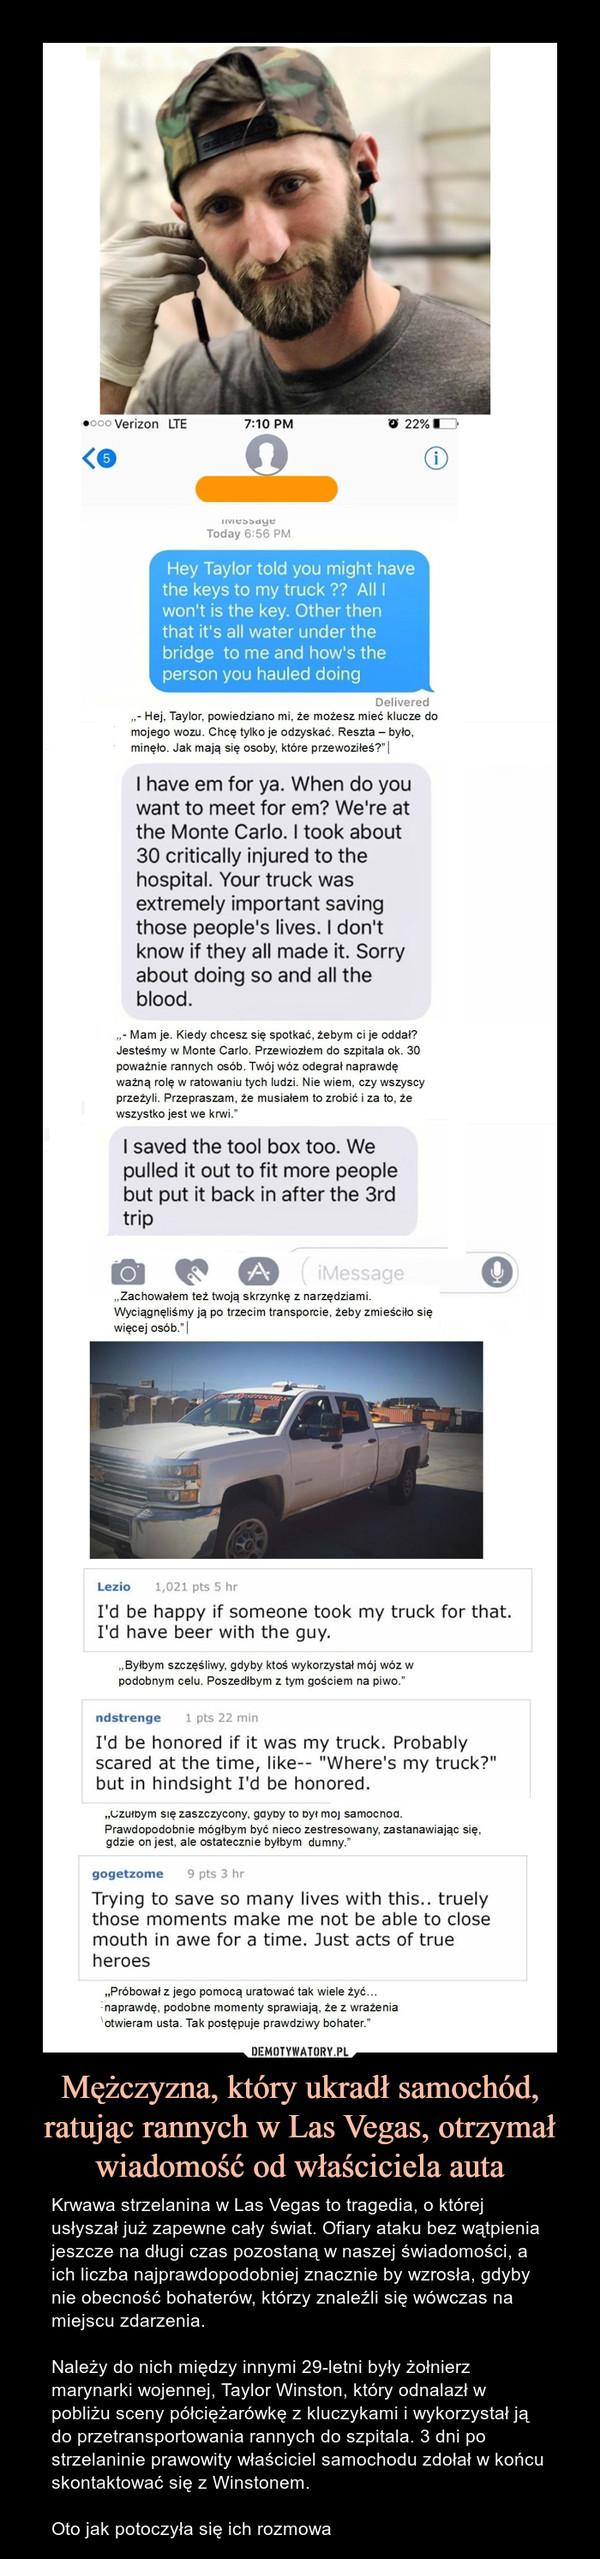 Mężczyzna, który ukradł samochód, ratując rannych w Las Vegas, otrzymał wiadomość od właściciela auta – Krwawa strzelanina w Las Vegas to tragedia, o której usłyszał już zapewne cały świat. Ofiary ataku bez wątpienia jeszcze na długi czas pozostaną w naszej świadomości, a ich liczba najprawdopodobniej znacznie by wzrosła, gdyby nie obecność bohaterów, którzy znaleźli się wówczas na miejscu zdarzenia.Należy do nich między innymi 29-letni były żołnierz marynarki wojennej, Taylor Winston, który odnalazł w pobliżu sceny półciężarówkę z kluczykami i wykorzystał ją do przetransportowania rannych do szpitala. 3 dni po strzelaninie prawowity właściciel samochodu zdołał w końcu skontaktować się z Winstonem. Oto jak potoczyła się ich rozmowa